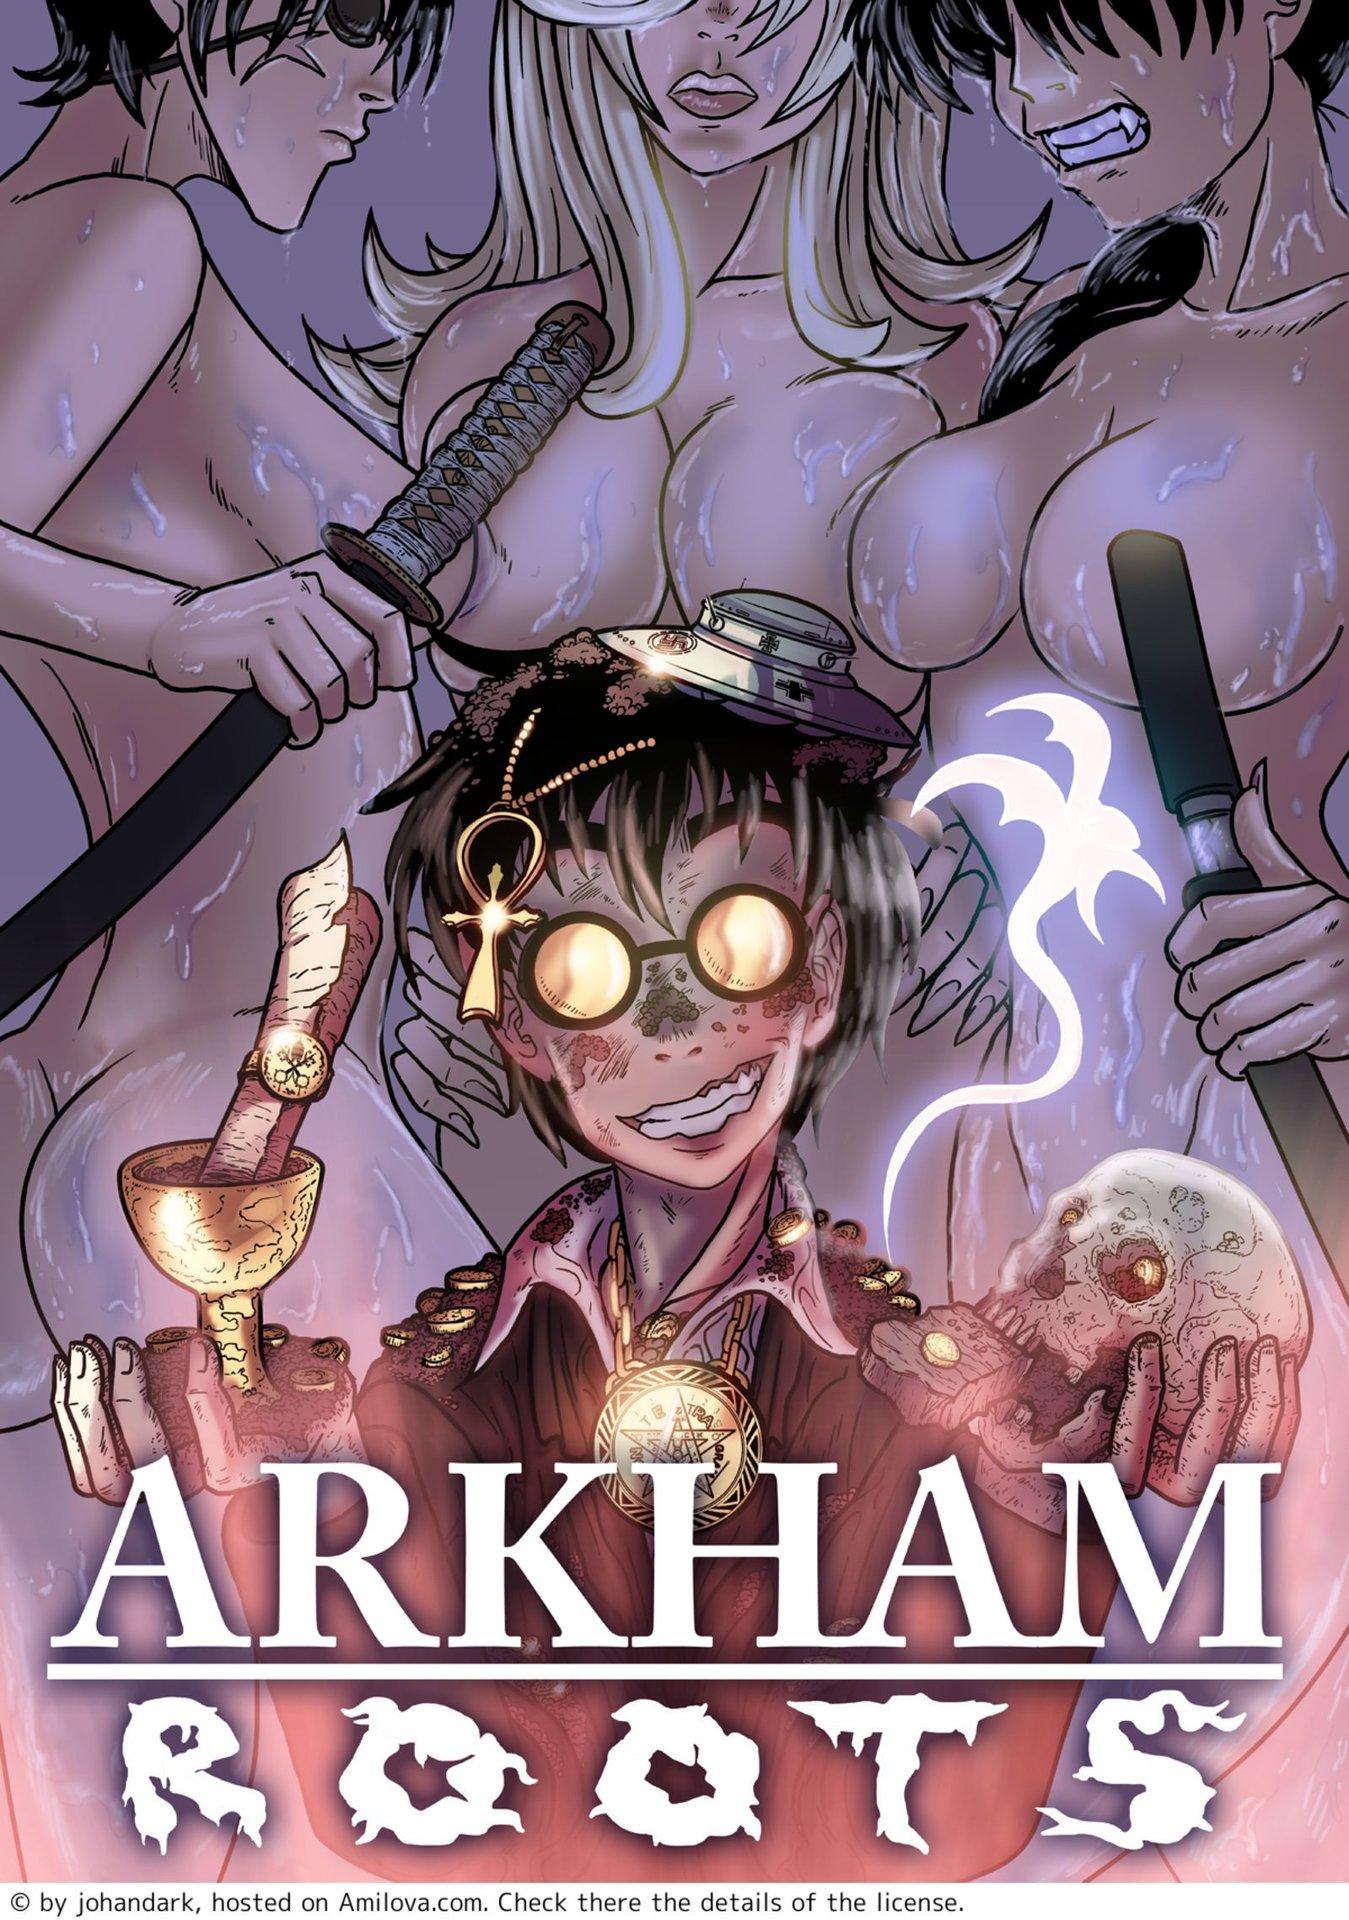 Joan casals arkham cover03 copy 29 1600